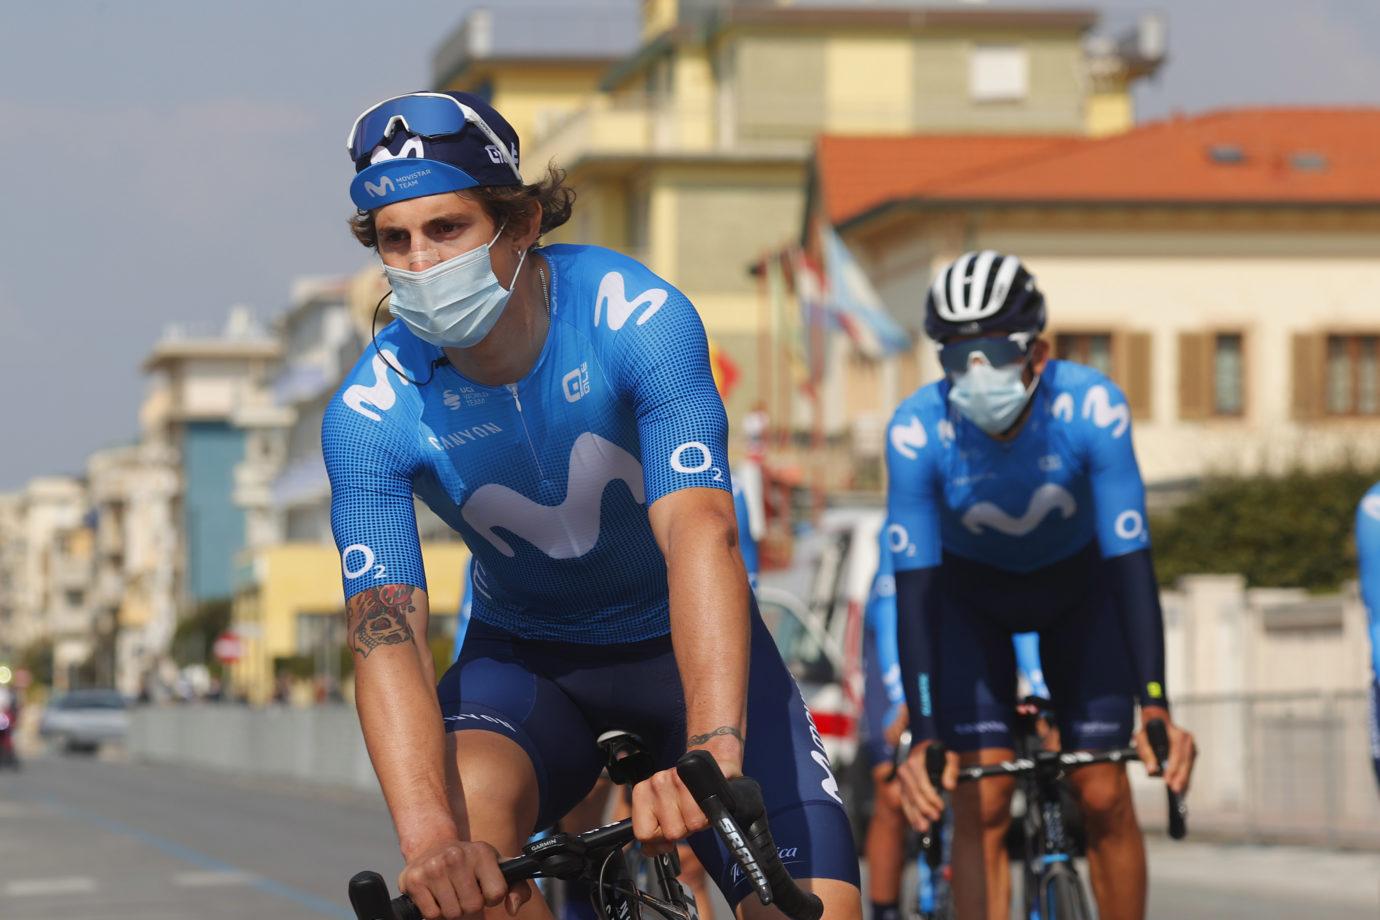 Imagen de la noticia 'Top ten for García Cortina in a mass sprint at Lido di Camaiore'